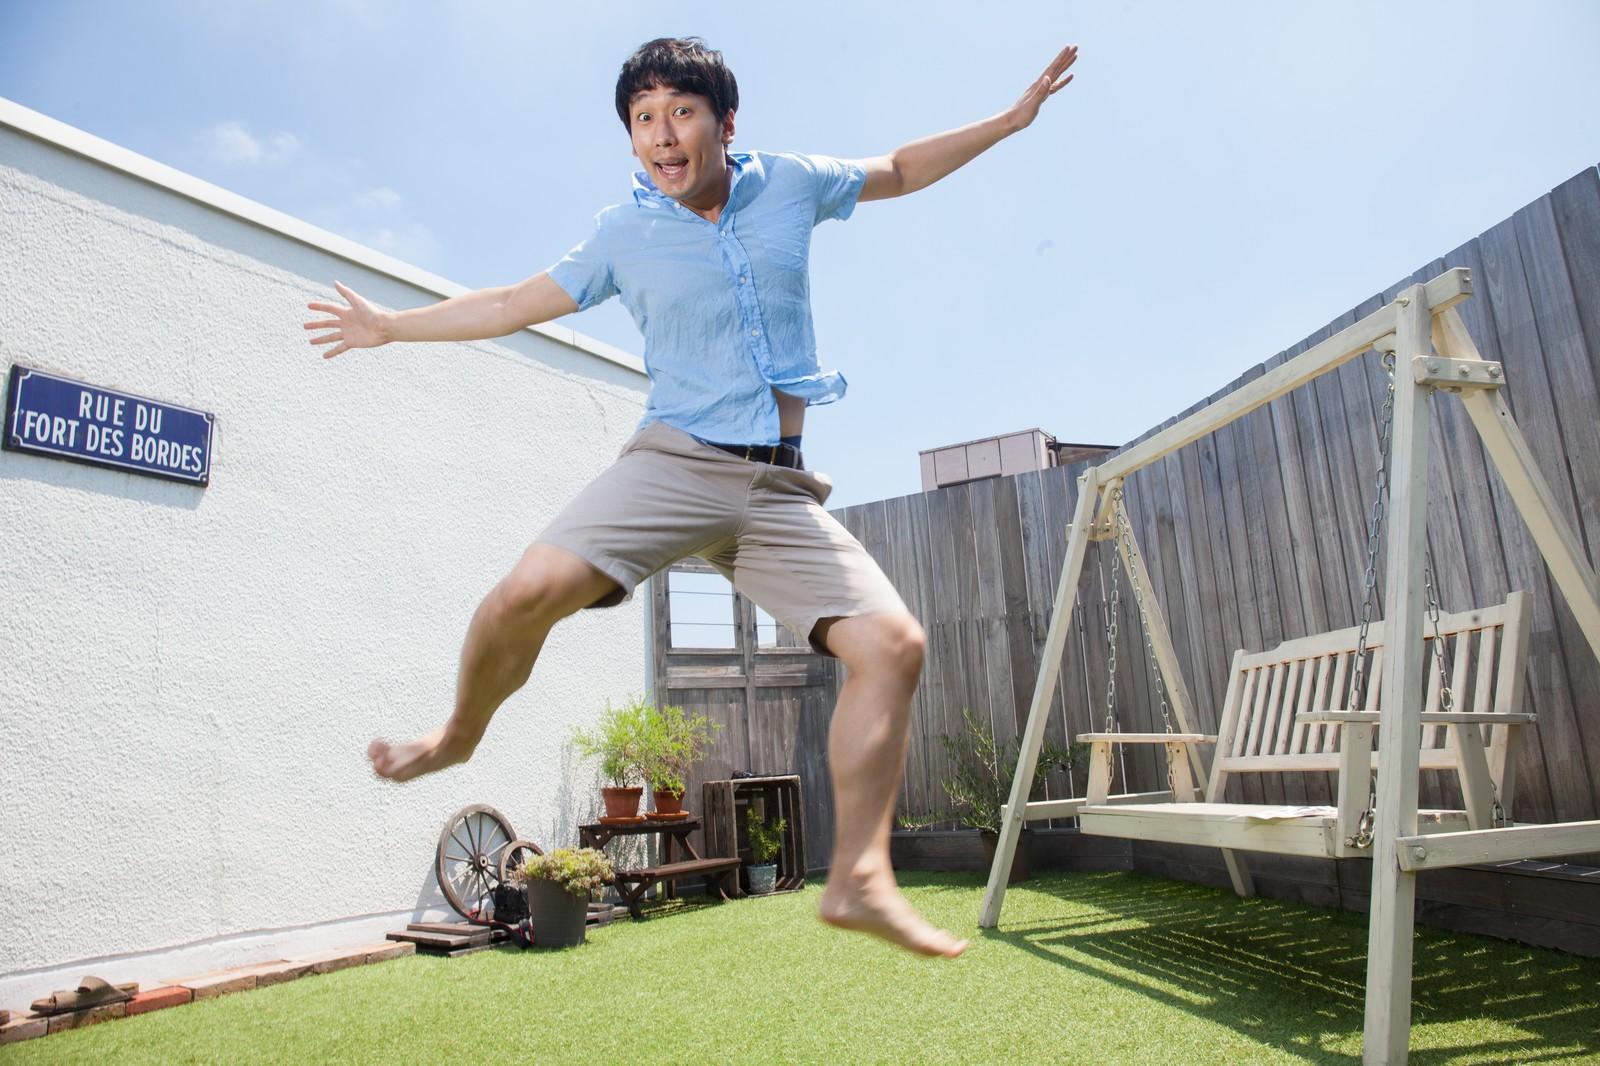 ショートパンツでジャンプする男性